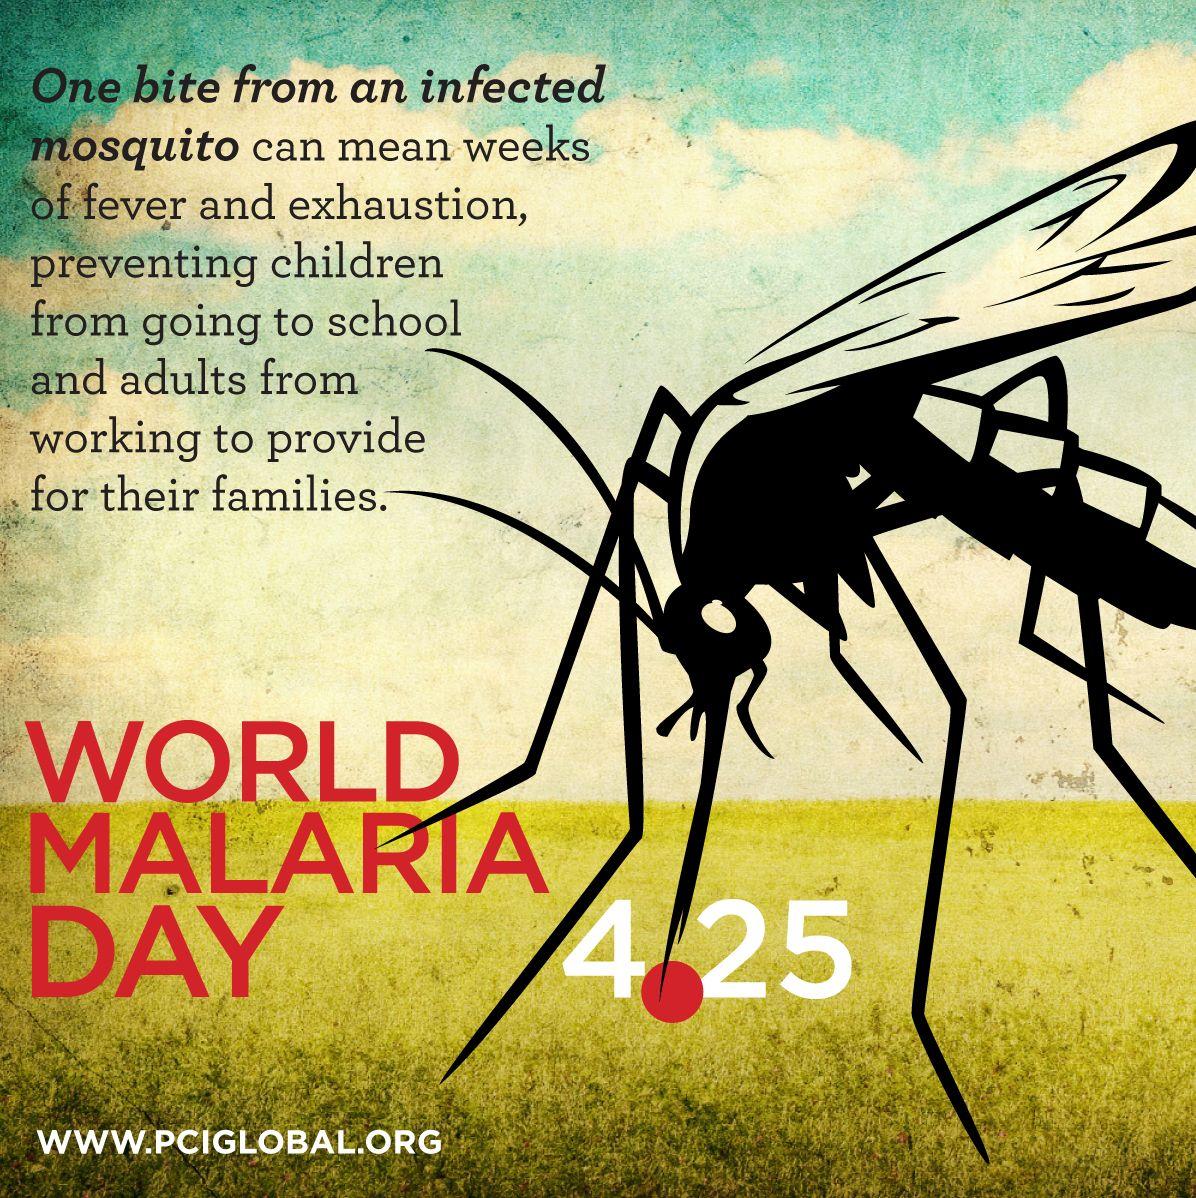 World Malaria Day is April 25th, 2013 malaria health